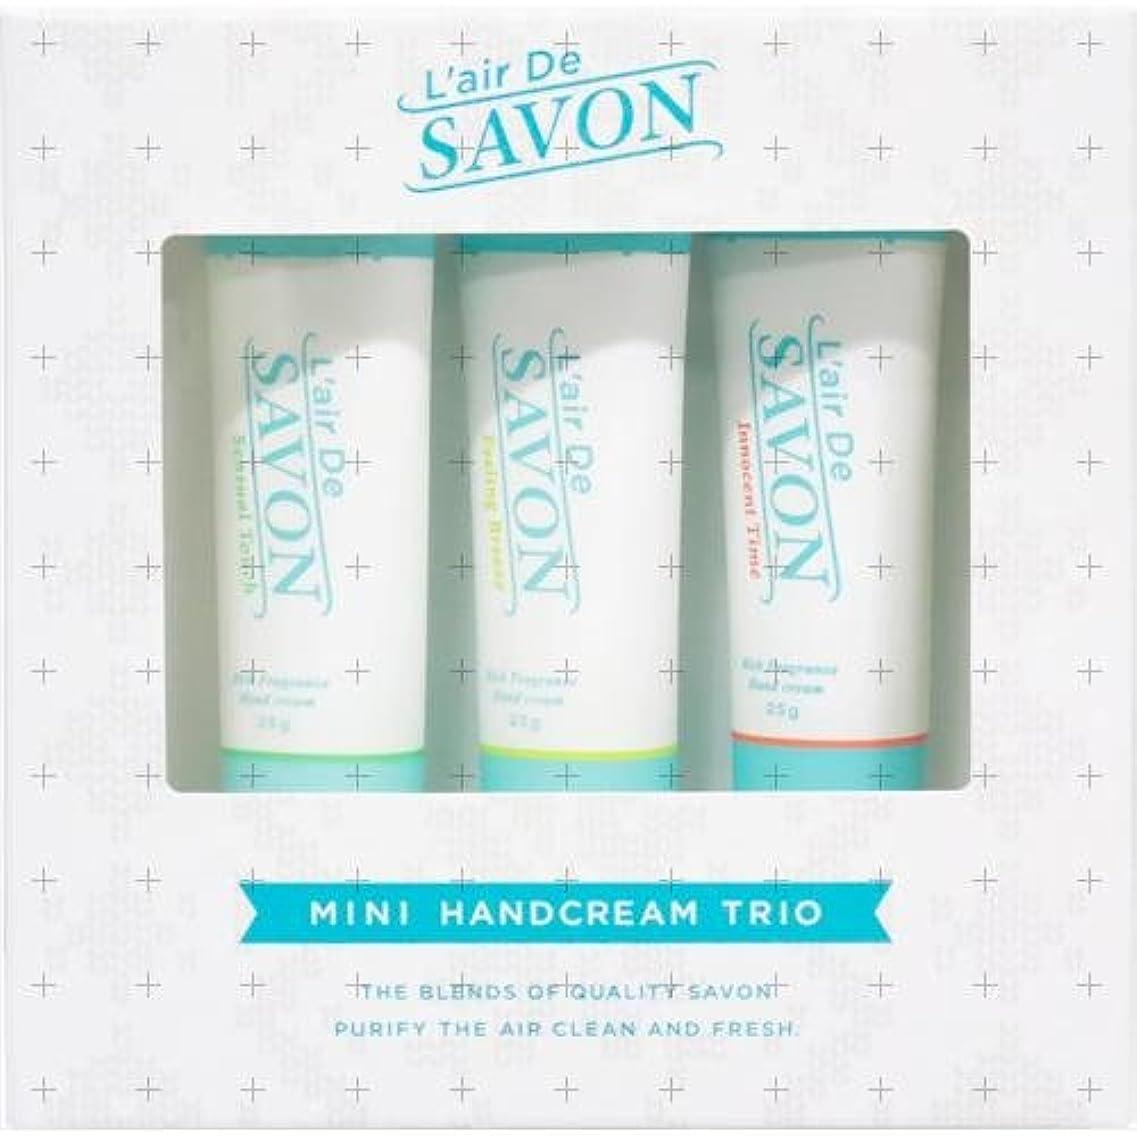 乳製品トムオードリースグラフィックレール デュ サボン L'air De SAVON ミニ ハンドクリーム トリオ 25g×3本セット 訳あり fs